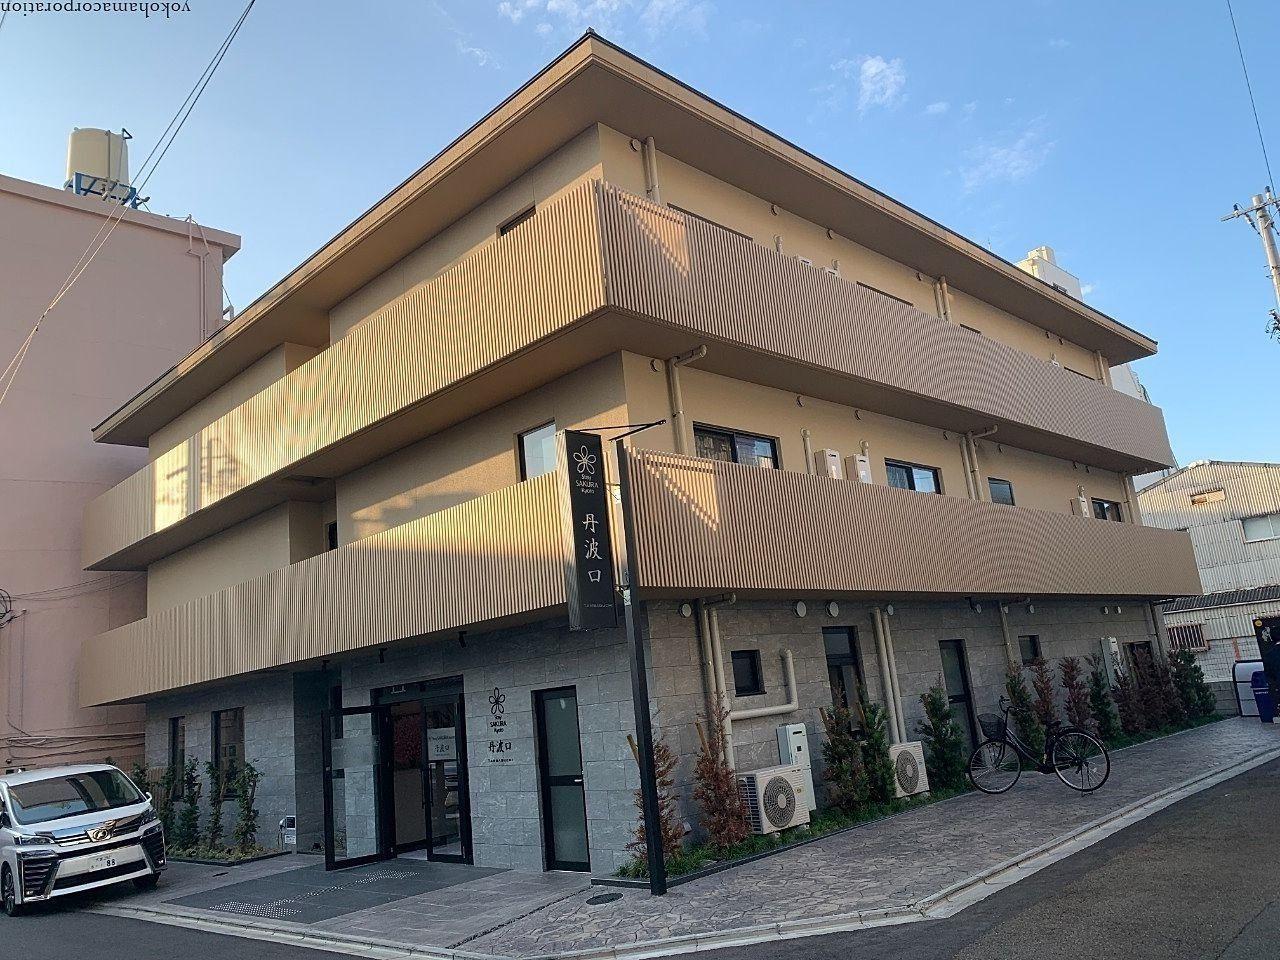 いつもご覧頂き誠に有難うございます。売買営業部の天野です。早速ですが、グループ会社が運営していて京都にある簡易宿泊所を代表と視察してきました。当社は、不動産売買・賃貸管理をメインに事業を展開…